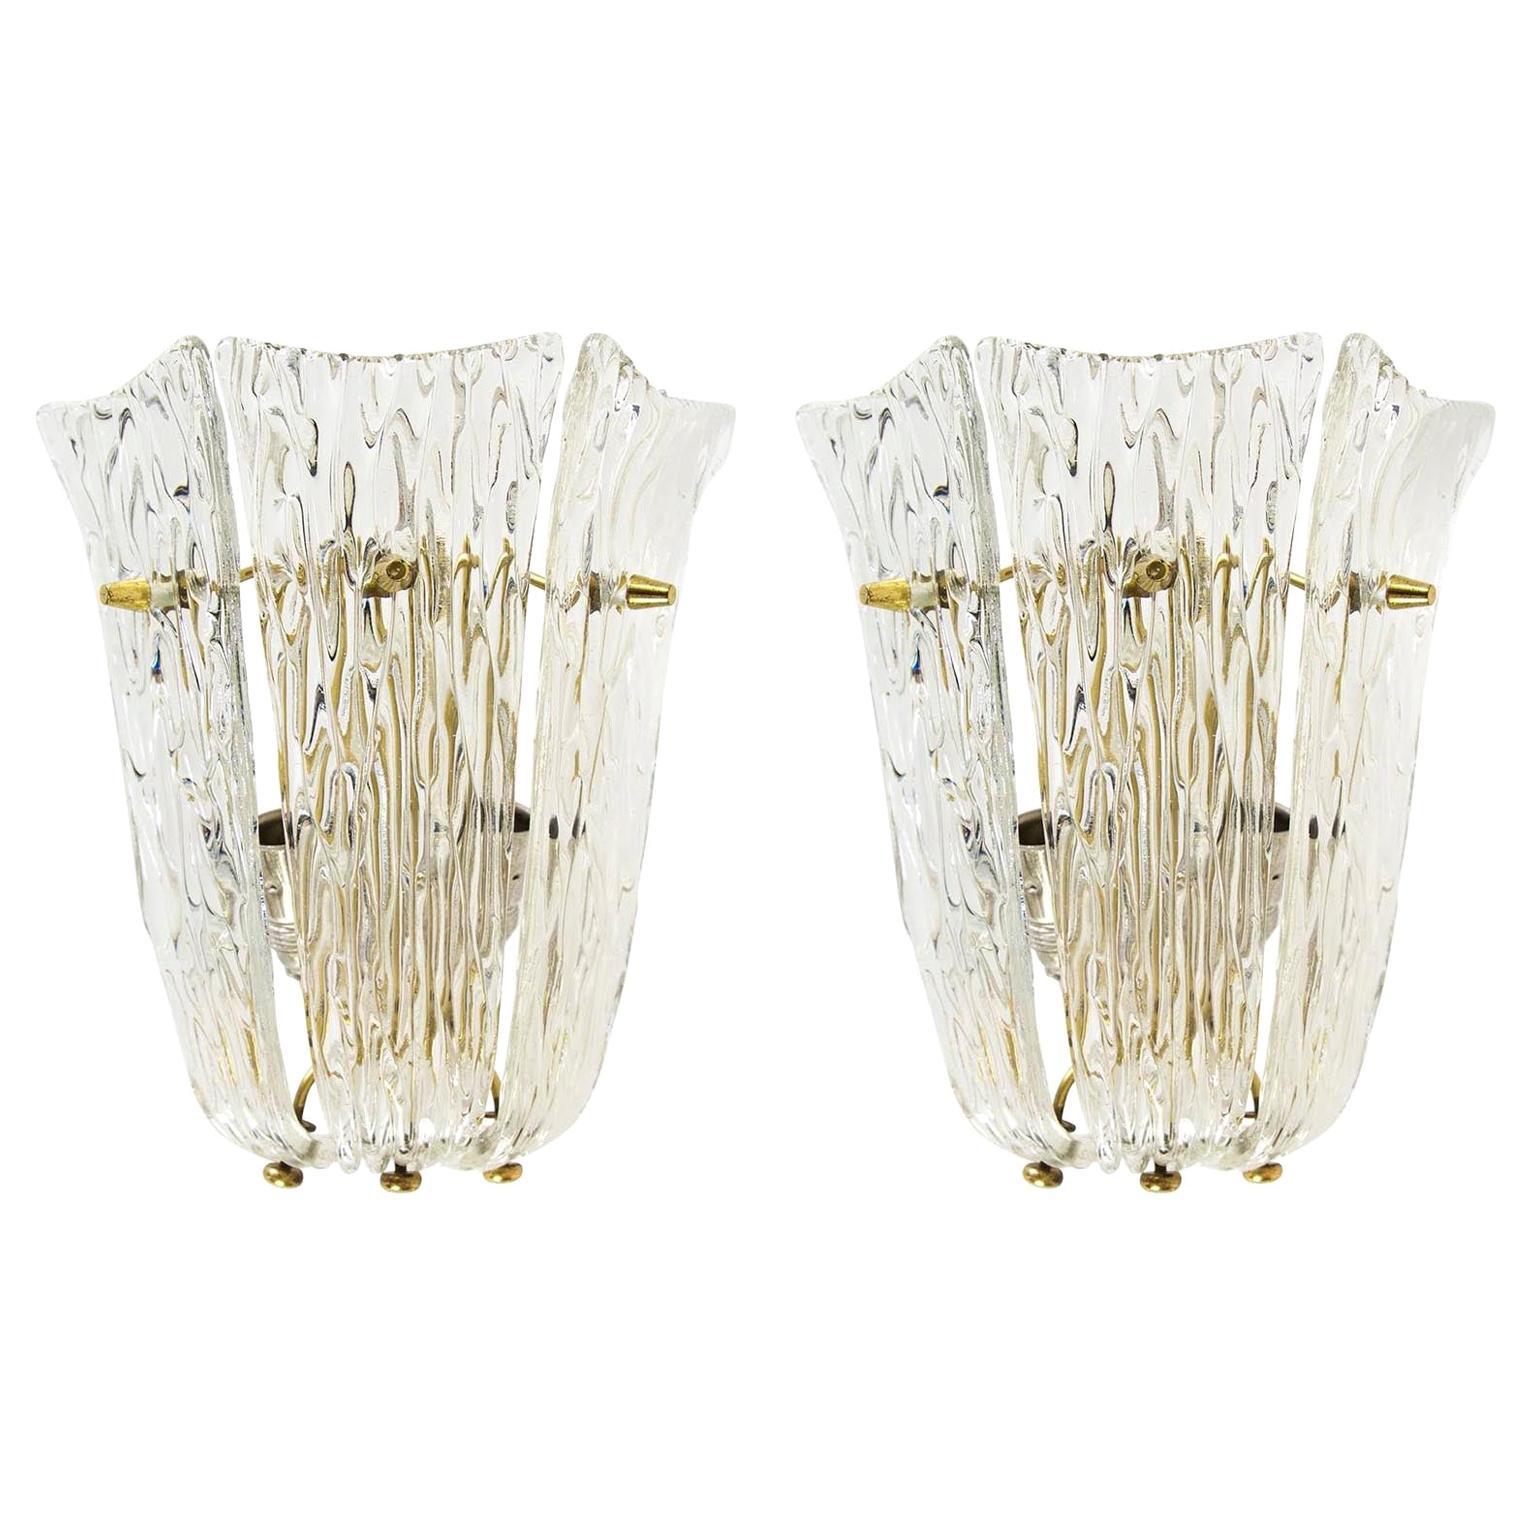 Pair of J.T. Kalmar Sconces Wall Lights, Brass Textured Glass, 1960